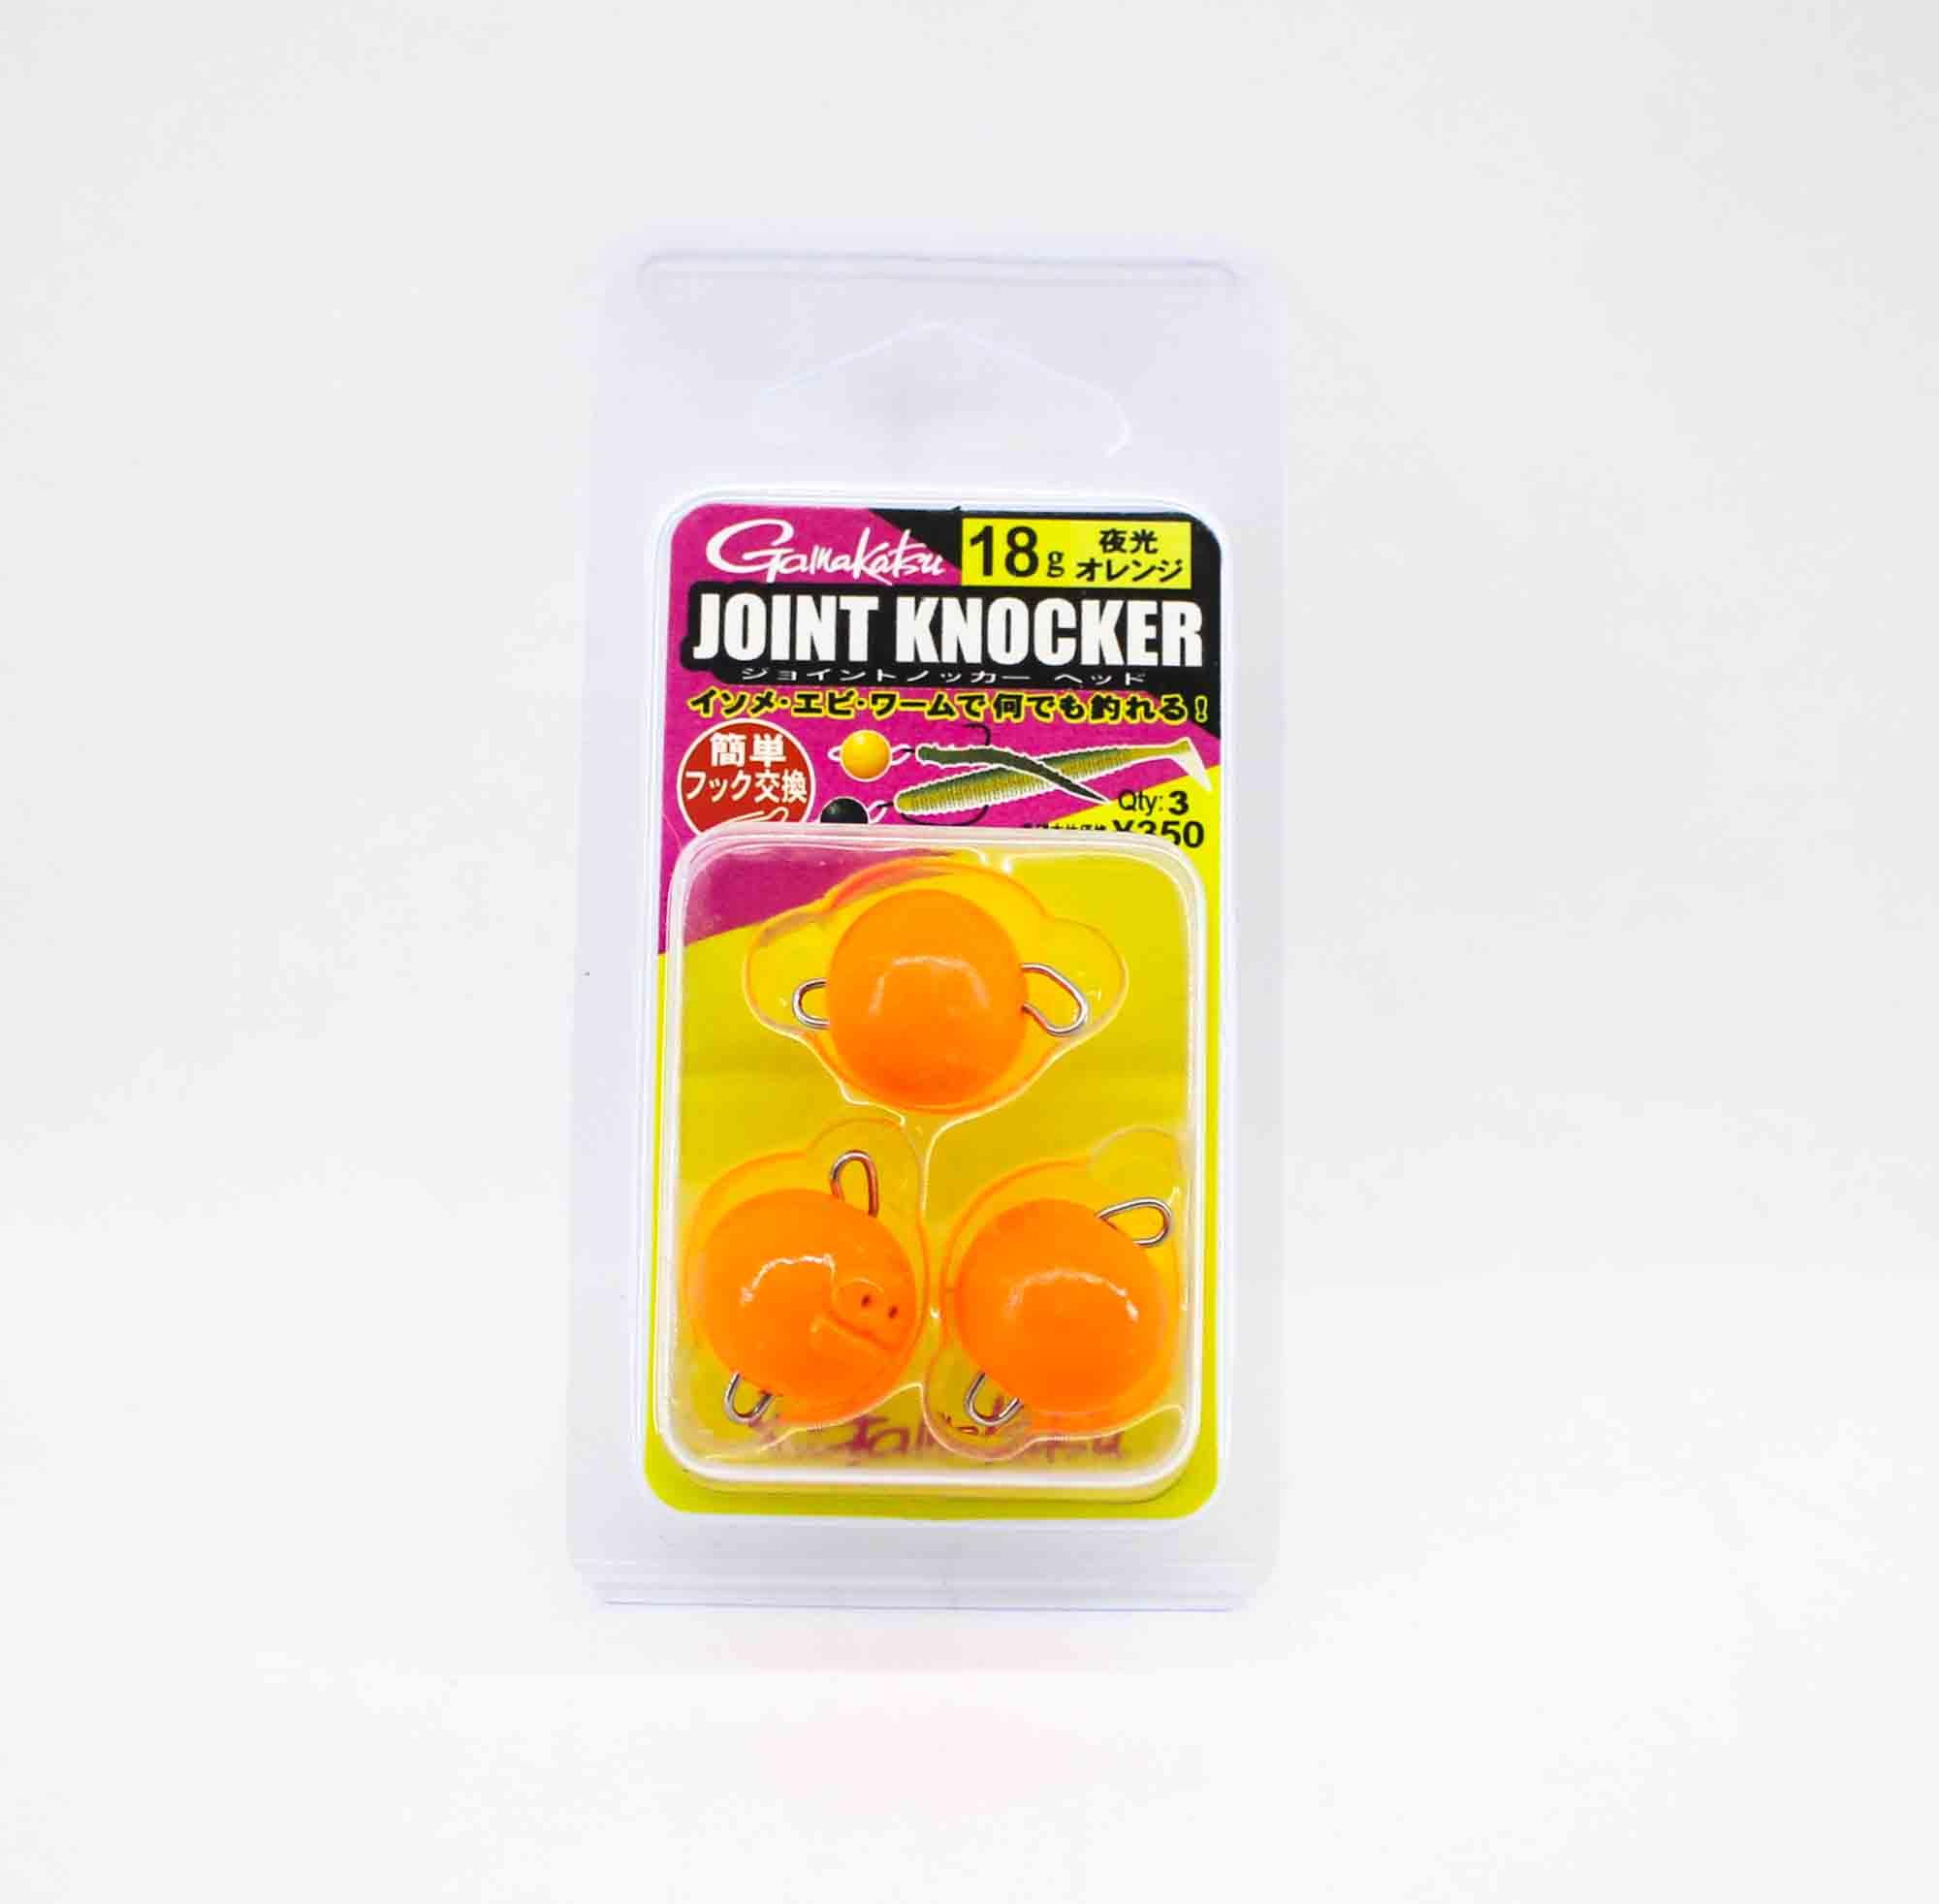 Gamakatsu 19256 Joint Knocker Jig Head 18 grams , 3 per pack (2669)